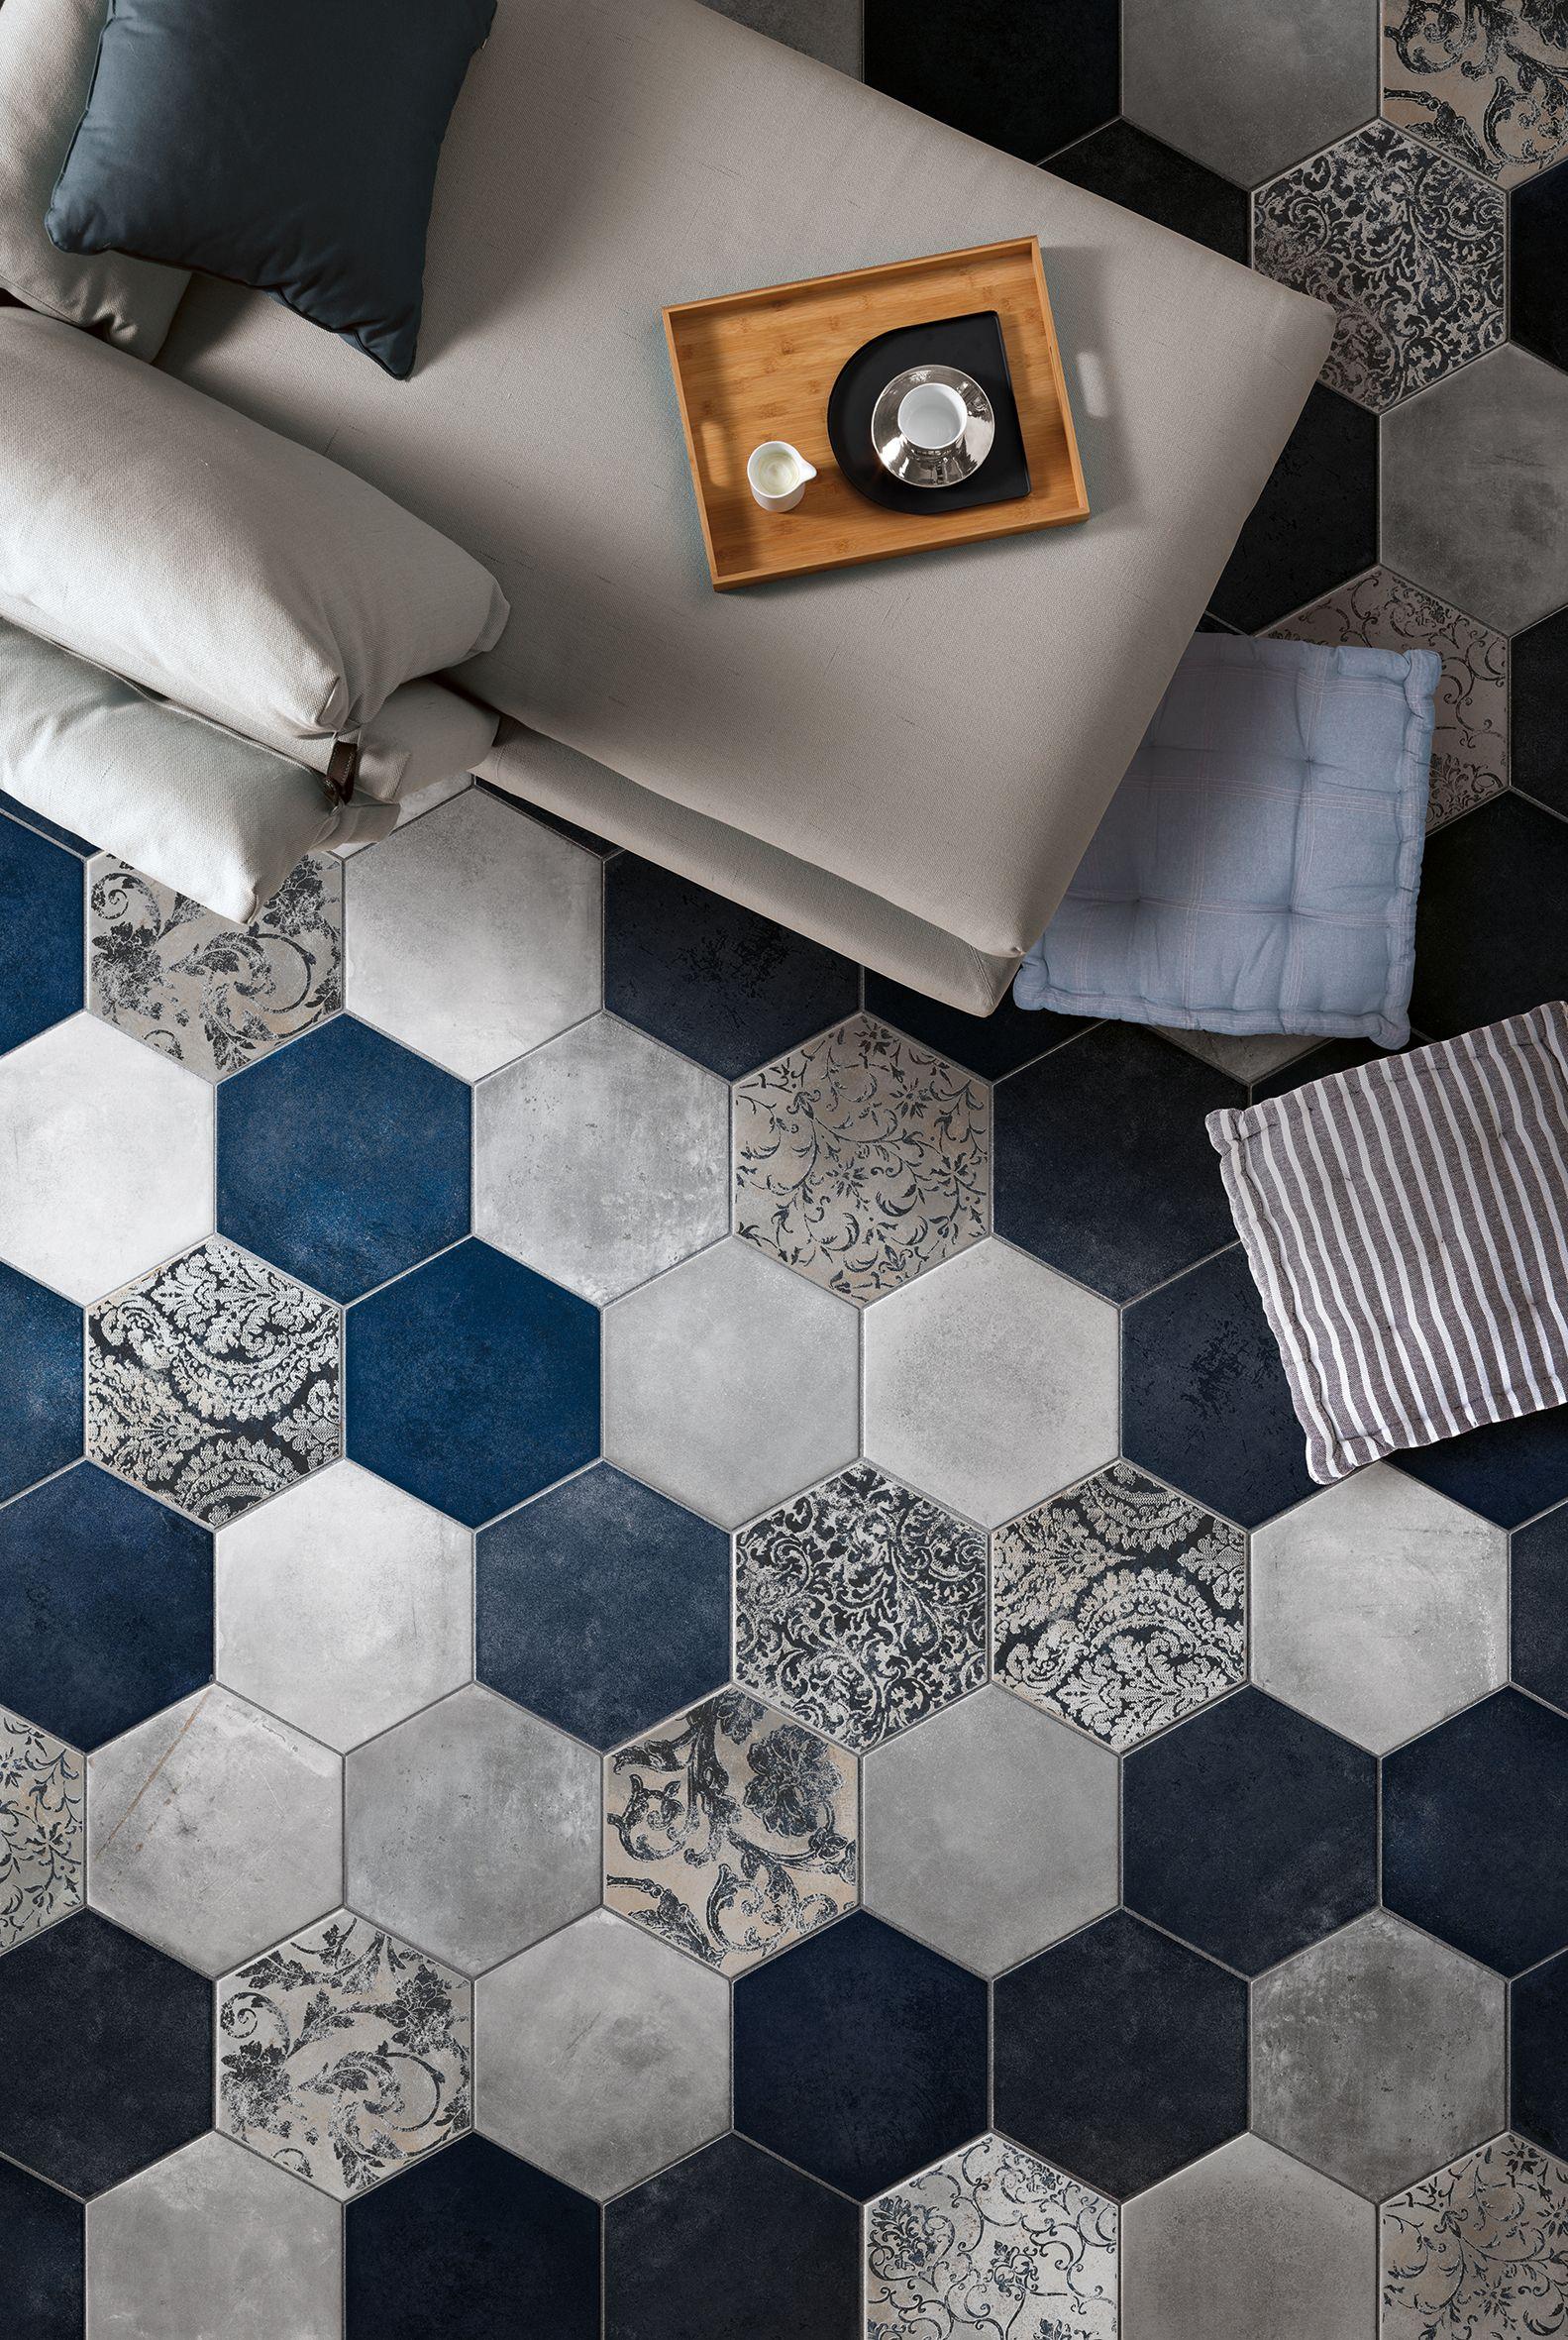 MIAMI by CIR | House tiles, Hexagon tiles, Style tile